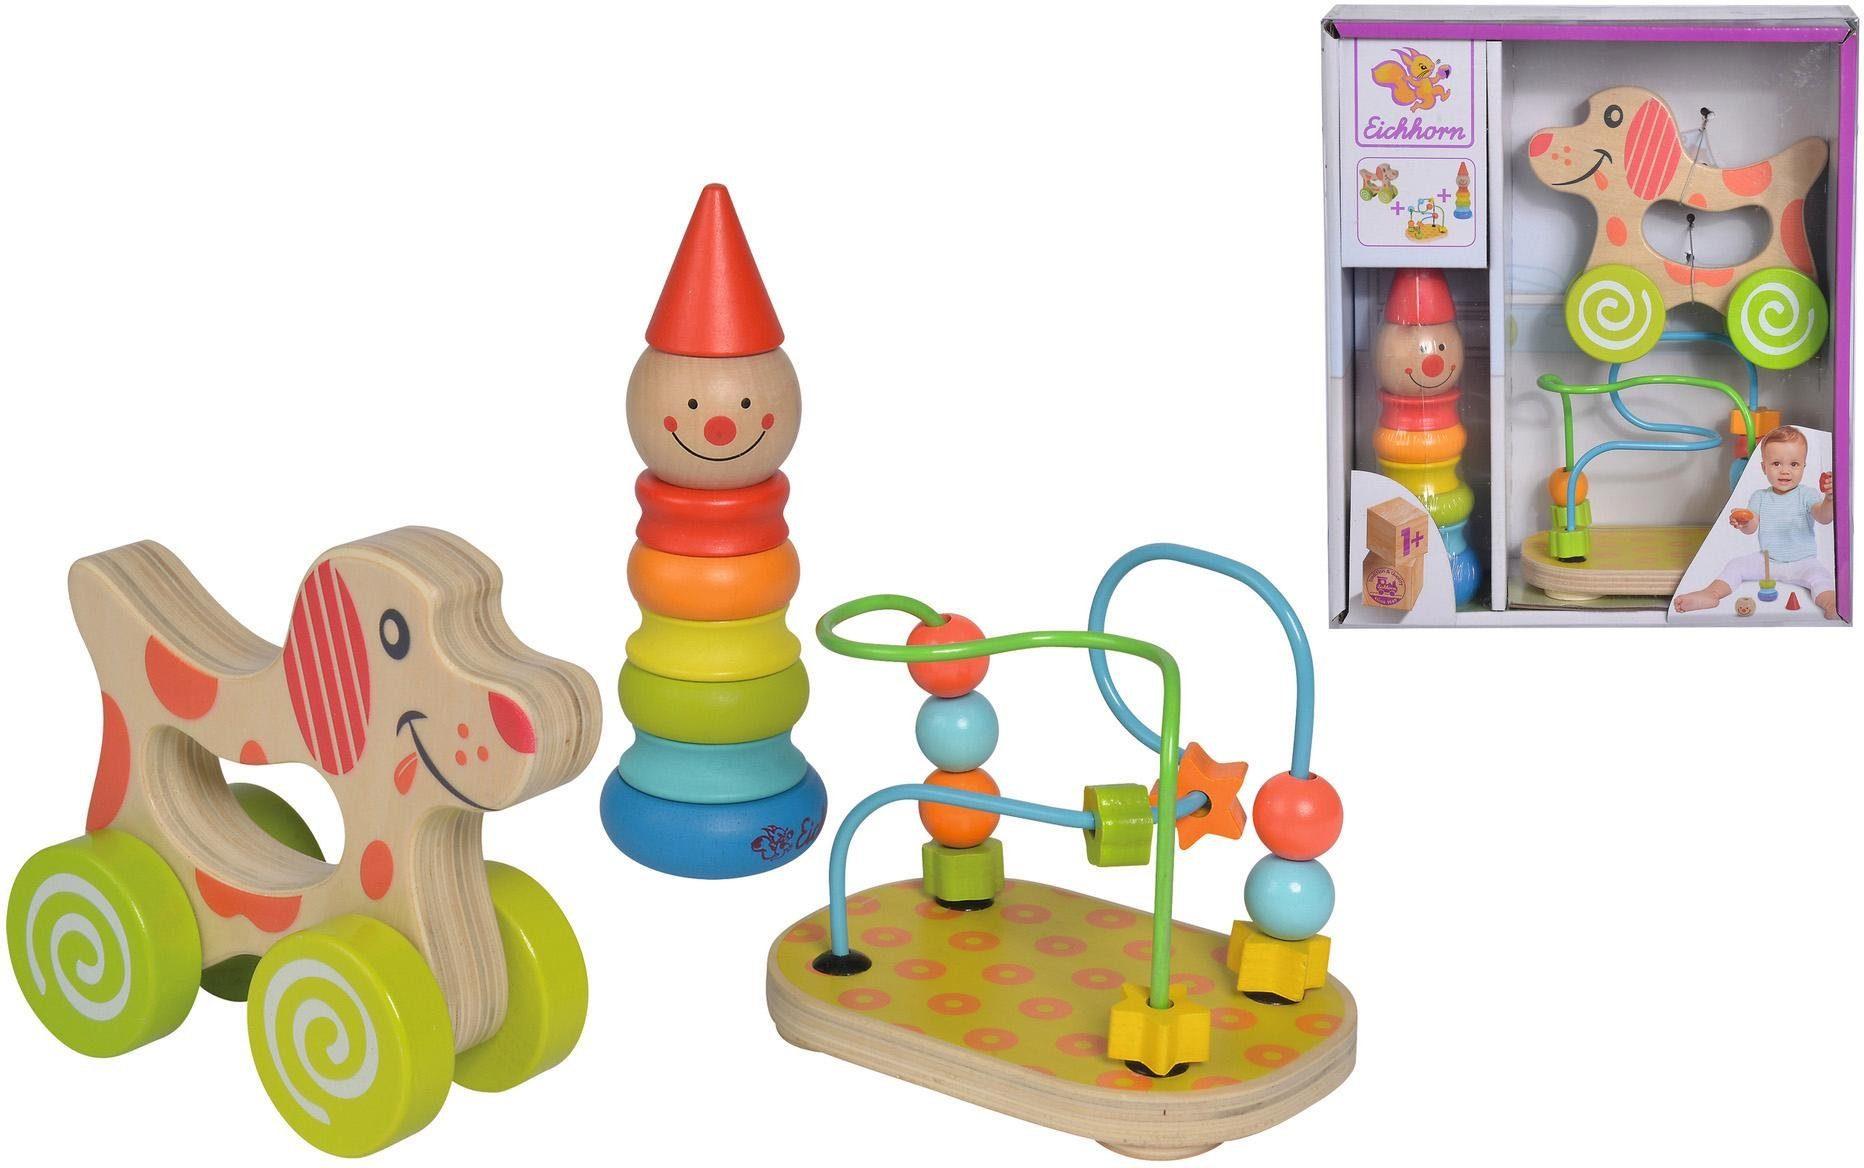 Eichhorn Lernspielzeug Lernspielset (Set 3-tlg) Technik & Freizeit/Spielzeug/Lernspielzeug/Lernspiele